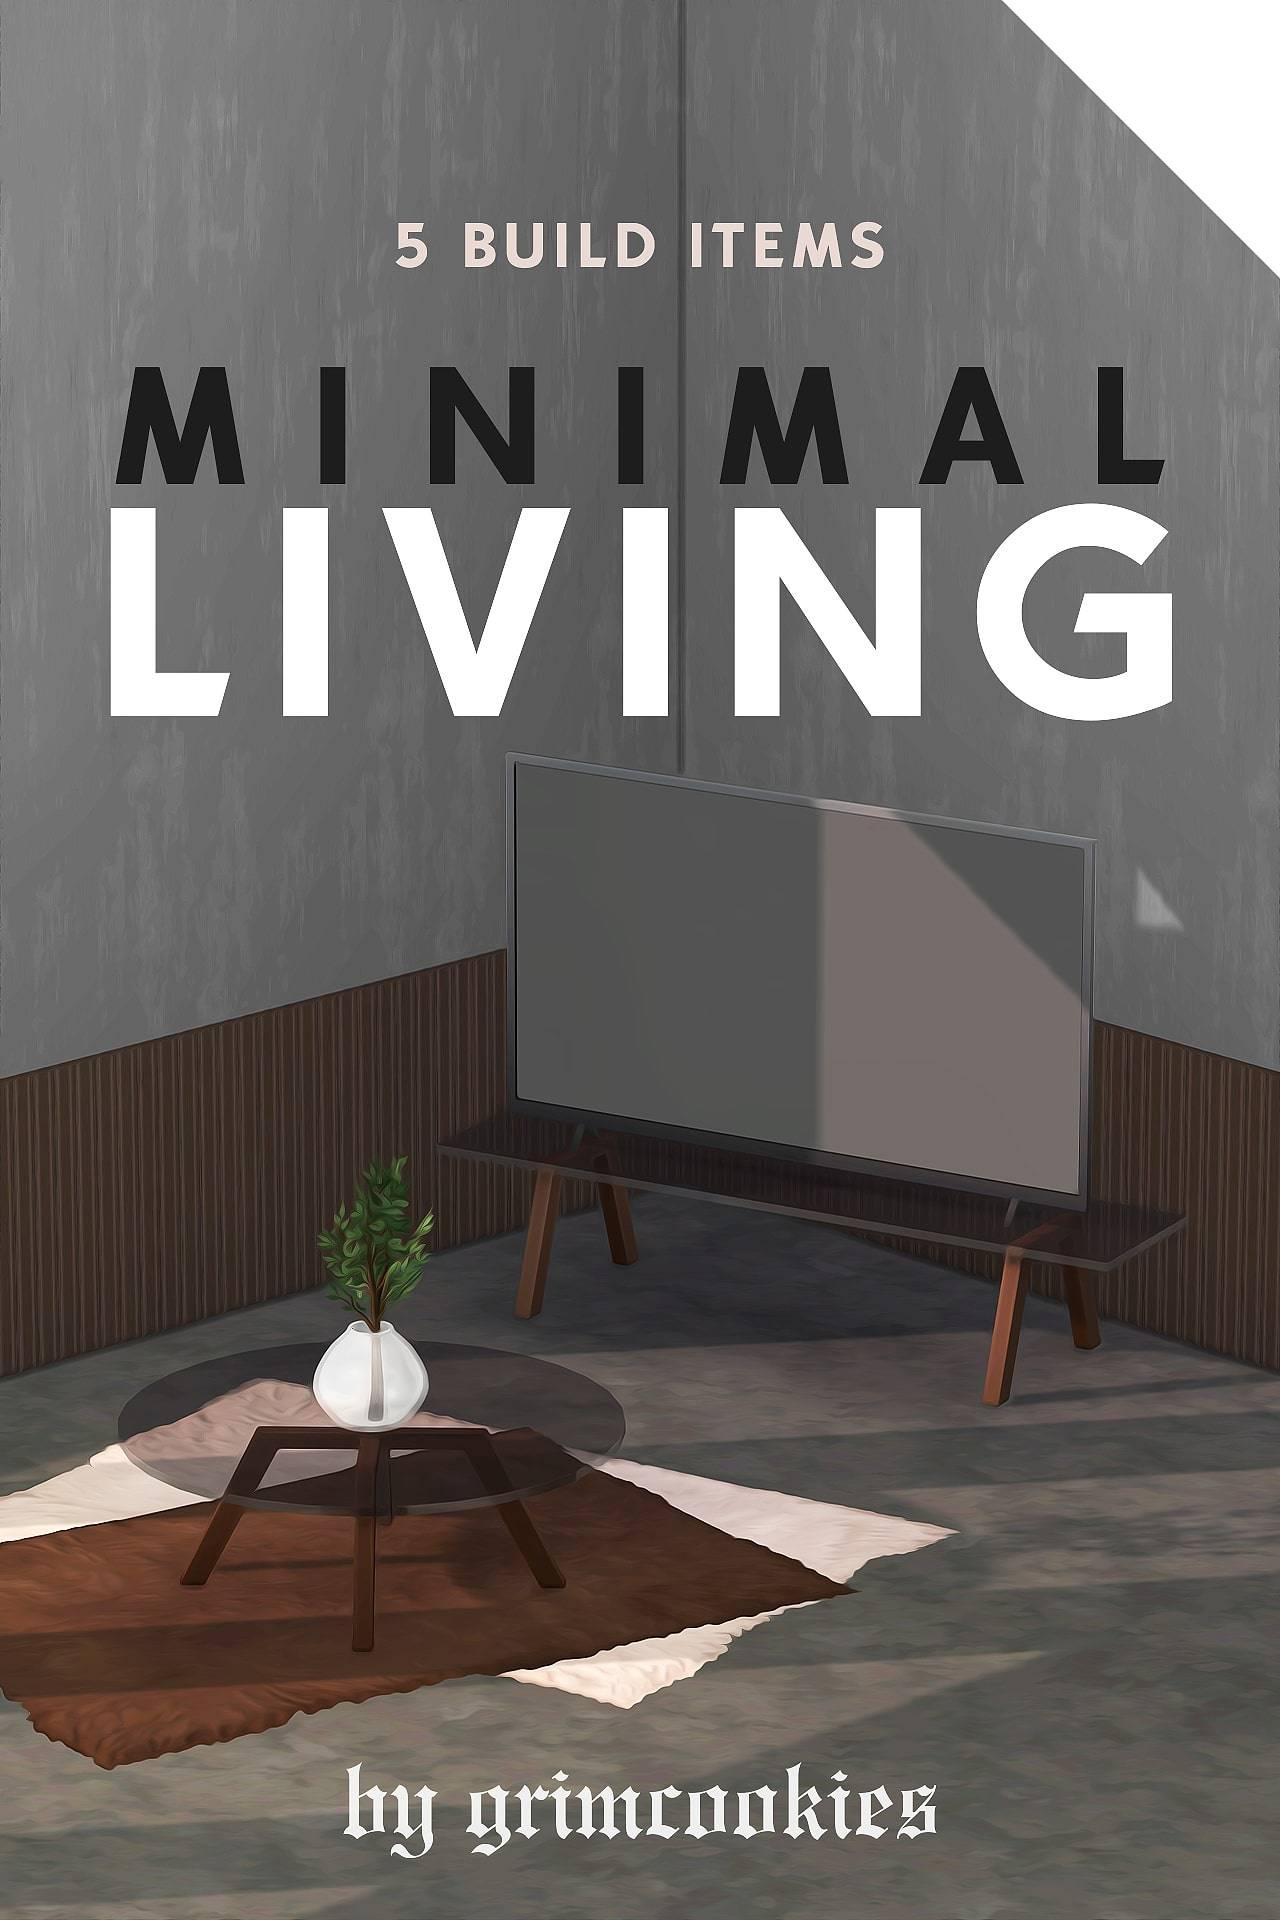 Сет для гостиной - MINIMAL LIVING